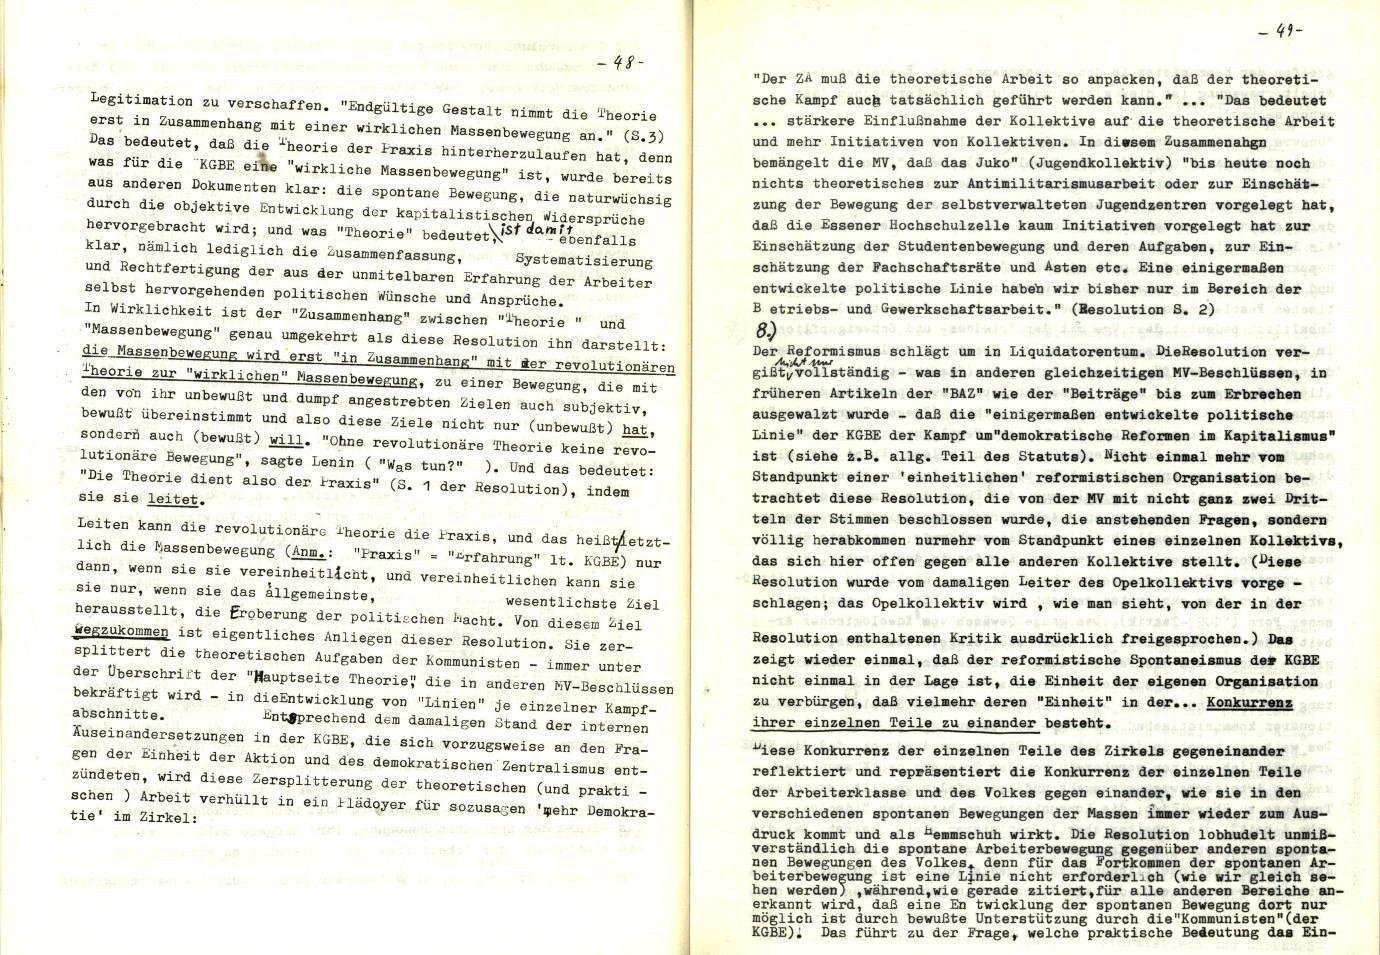 KGBE_Ehemalige_1977_Kritik_an_der_KGBE_28